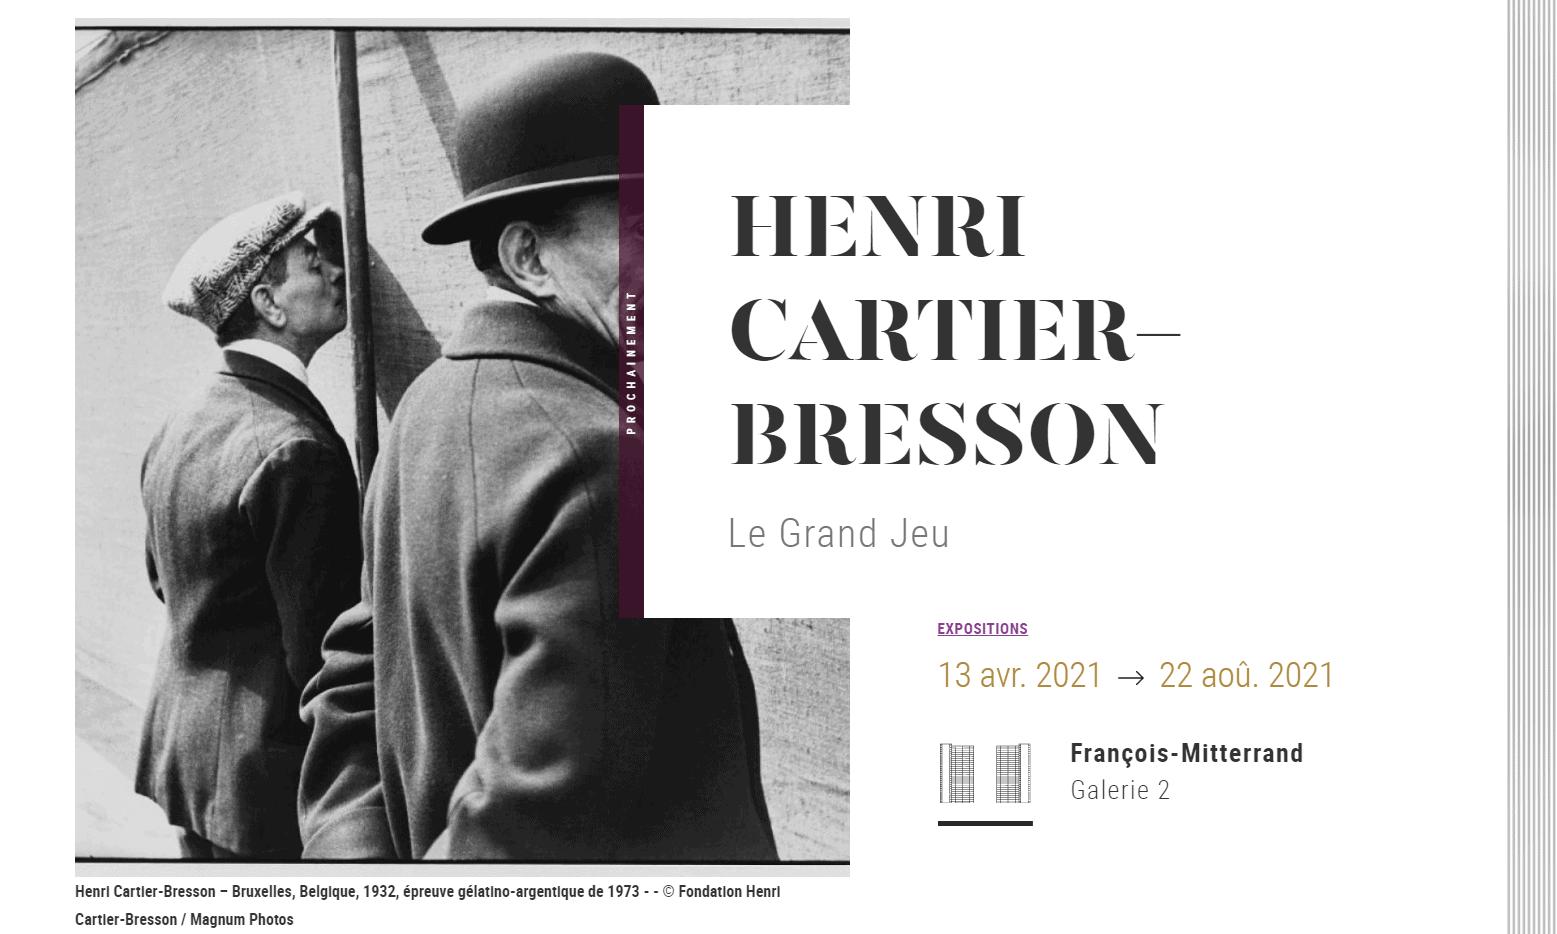 Ausstellung Henri Cartier-Bresson, Bibliothéque national de France, Paris (Bildschirmfoto),  Henri Cartier-Bresson – Bruxelles, Belgique, 1932, épreuve gélatino-argentique de 1973 - - © Fondation Henri Cartier-Bresson / Magnum Photos